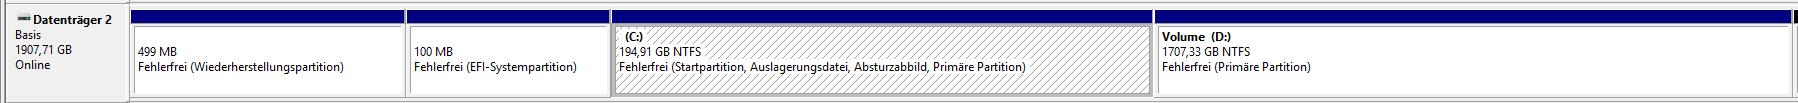 Datenträgeraufteilung.PNG